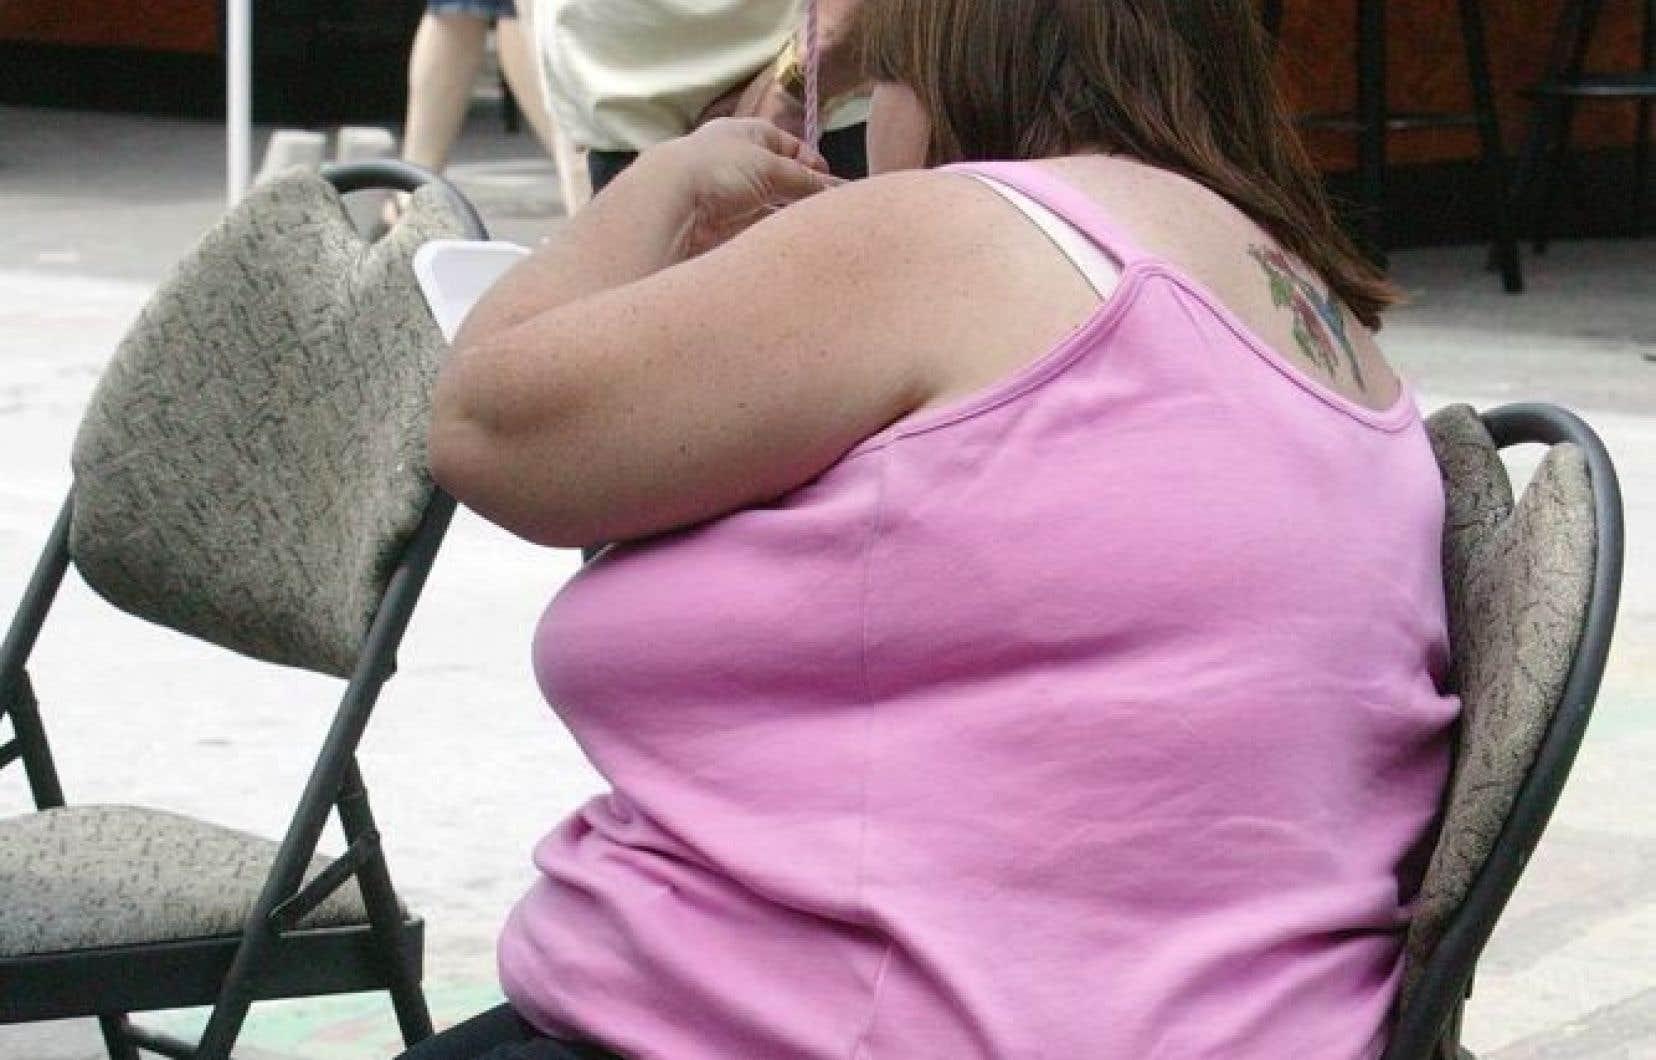 L'analyse démontre qu'il n'y a jamais eu autant de Canadiens obèses: en moyenne, le quart, voire le tiers d'entre eux le sont, en fonction de la région où ils vivent.